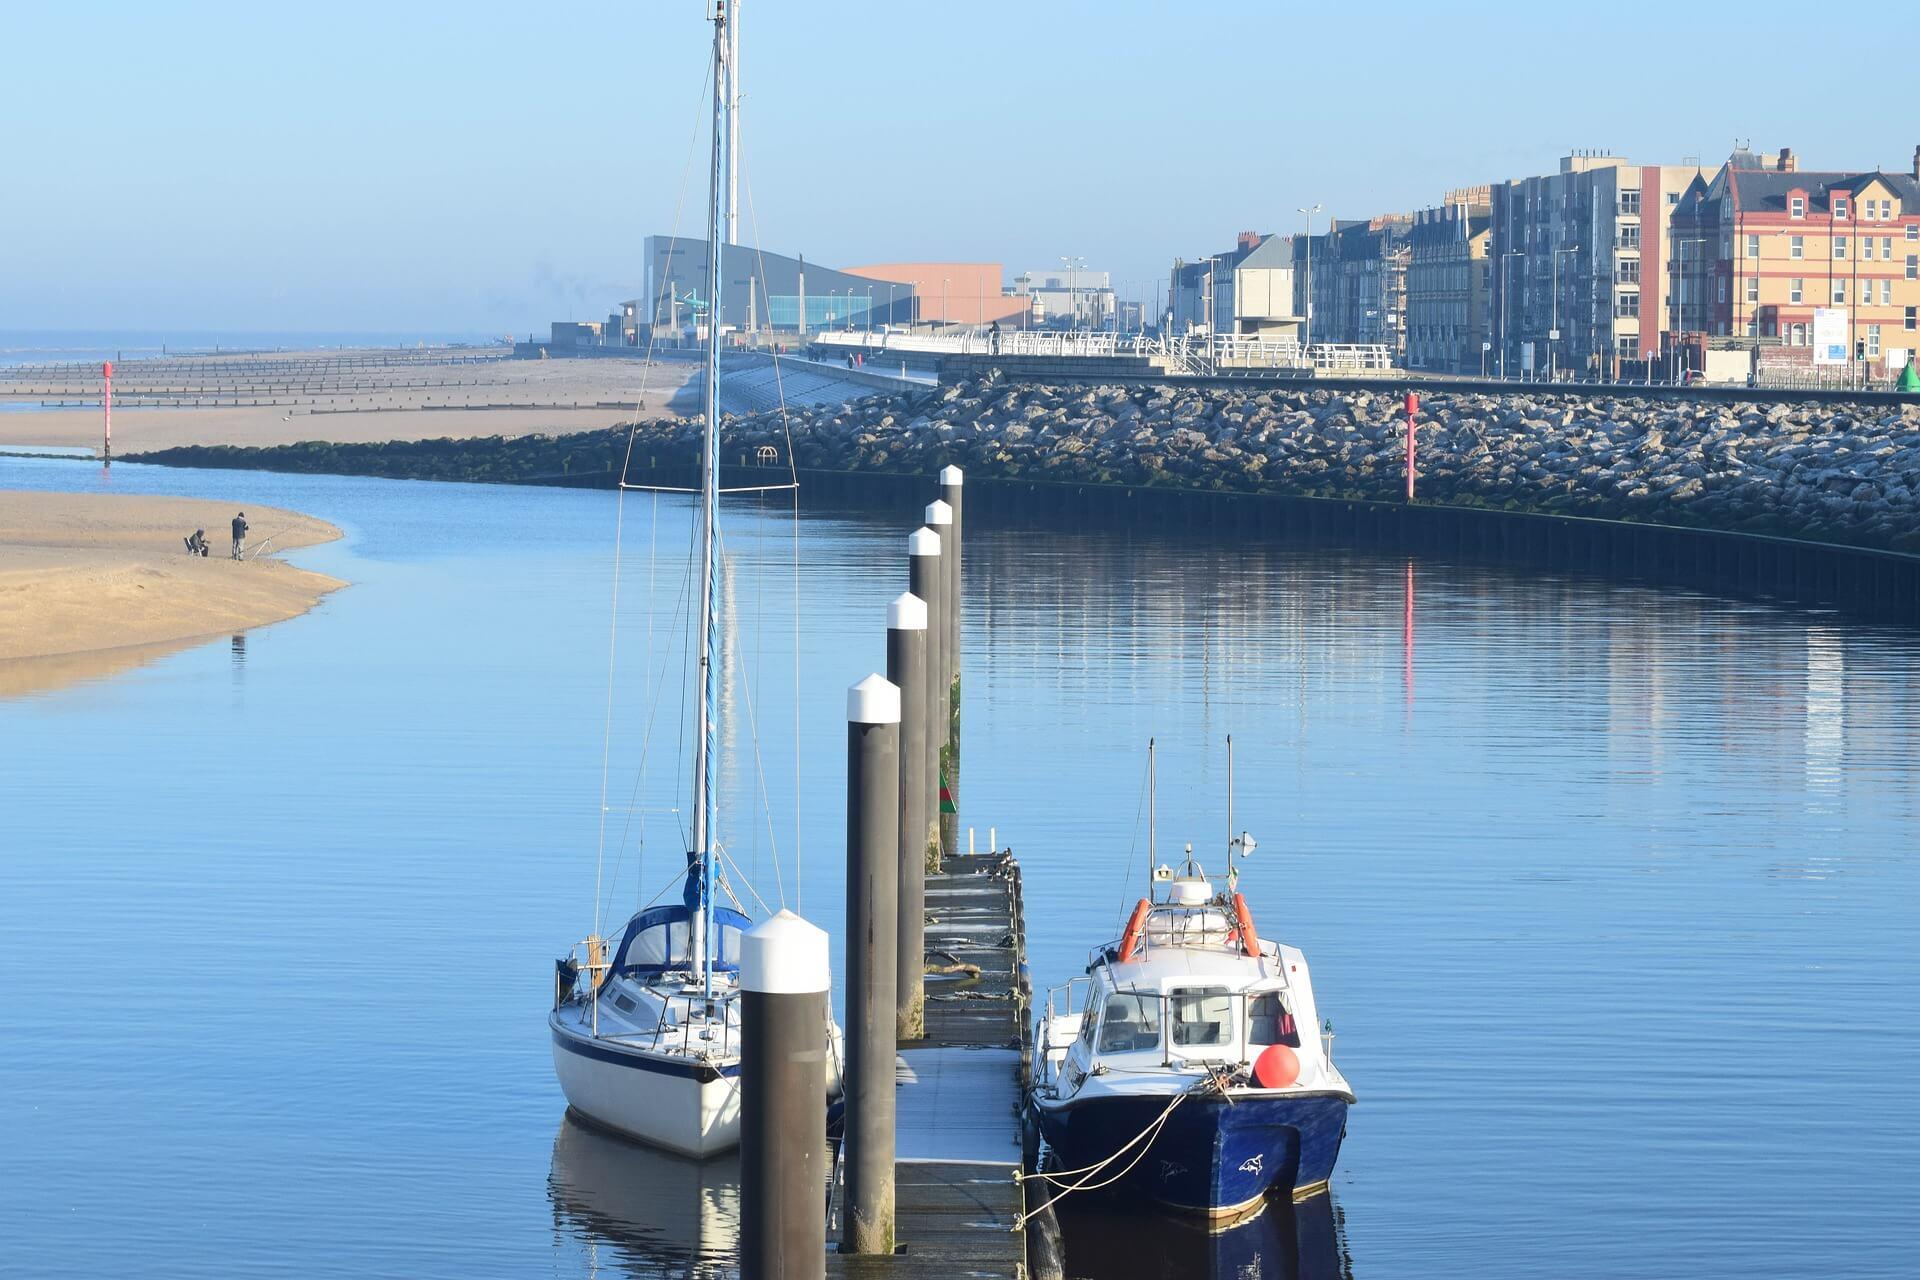 Rhyl Harbour, ales